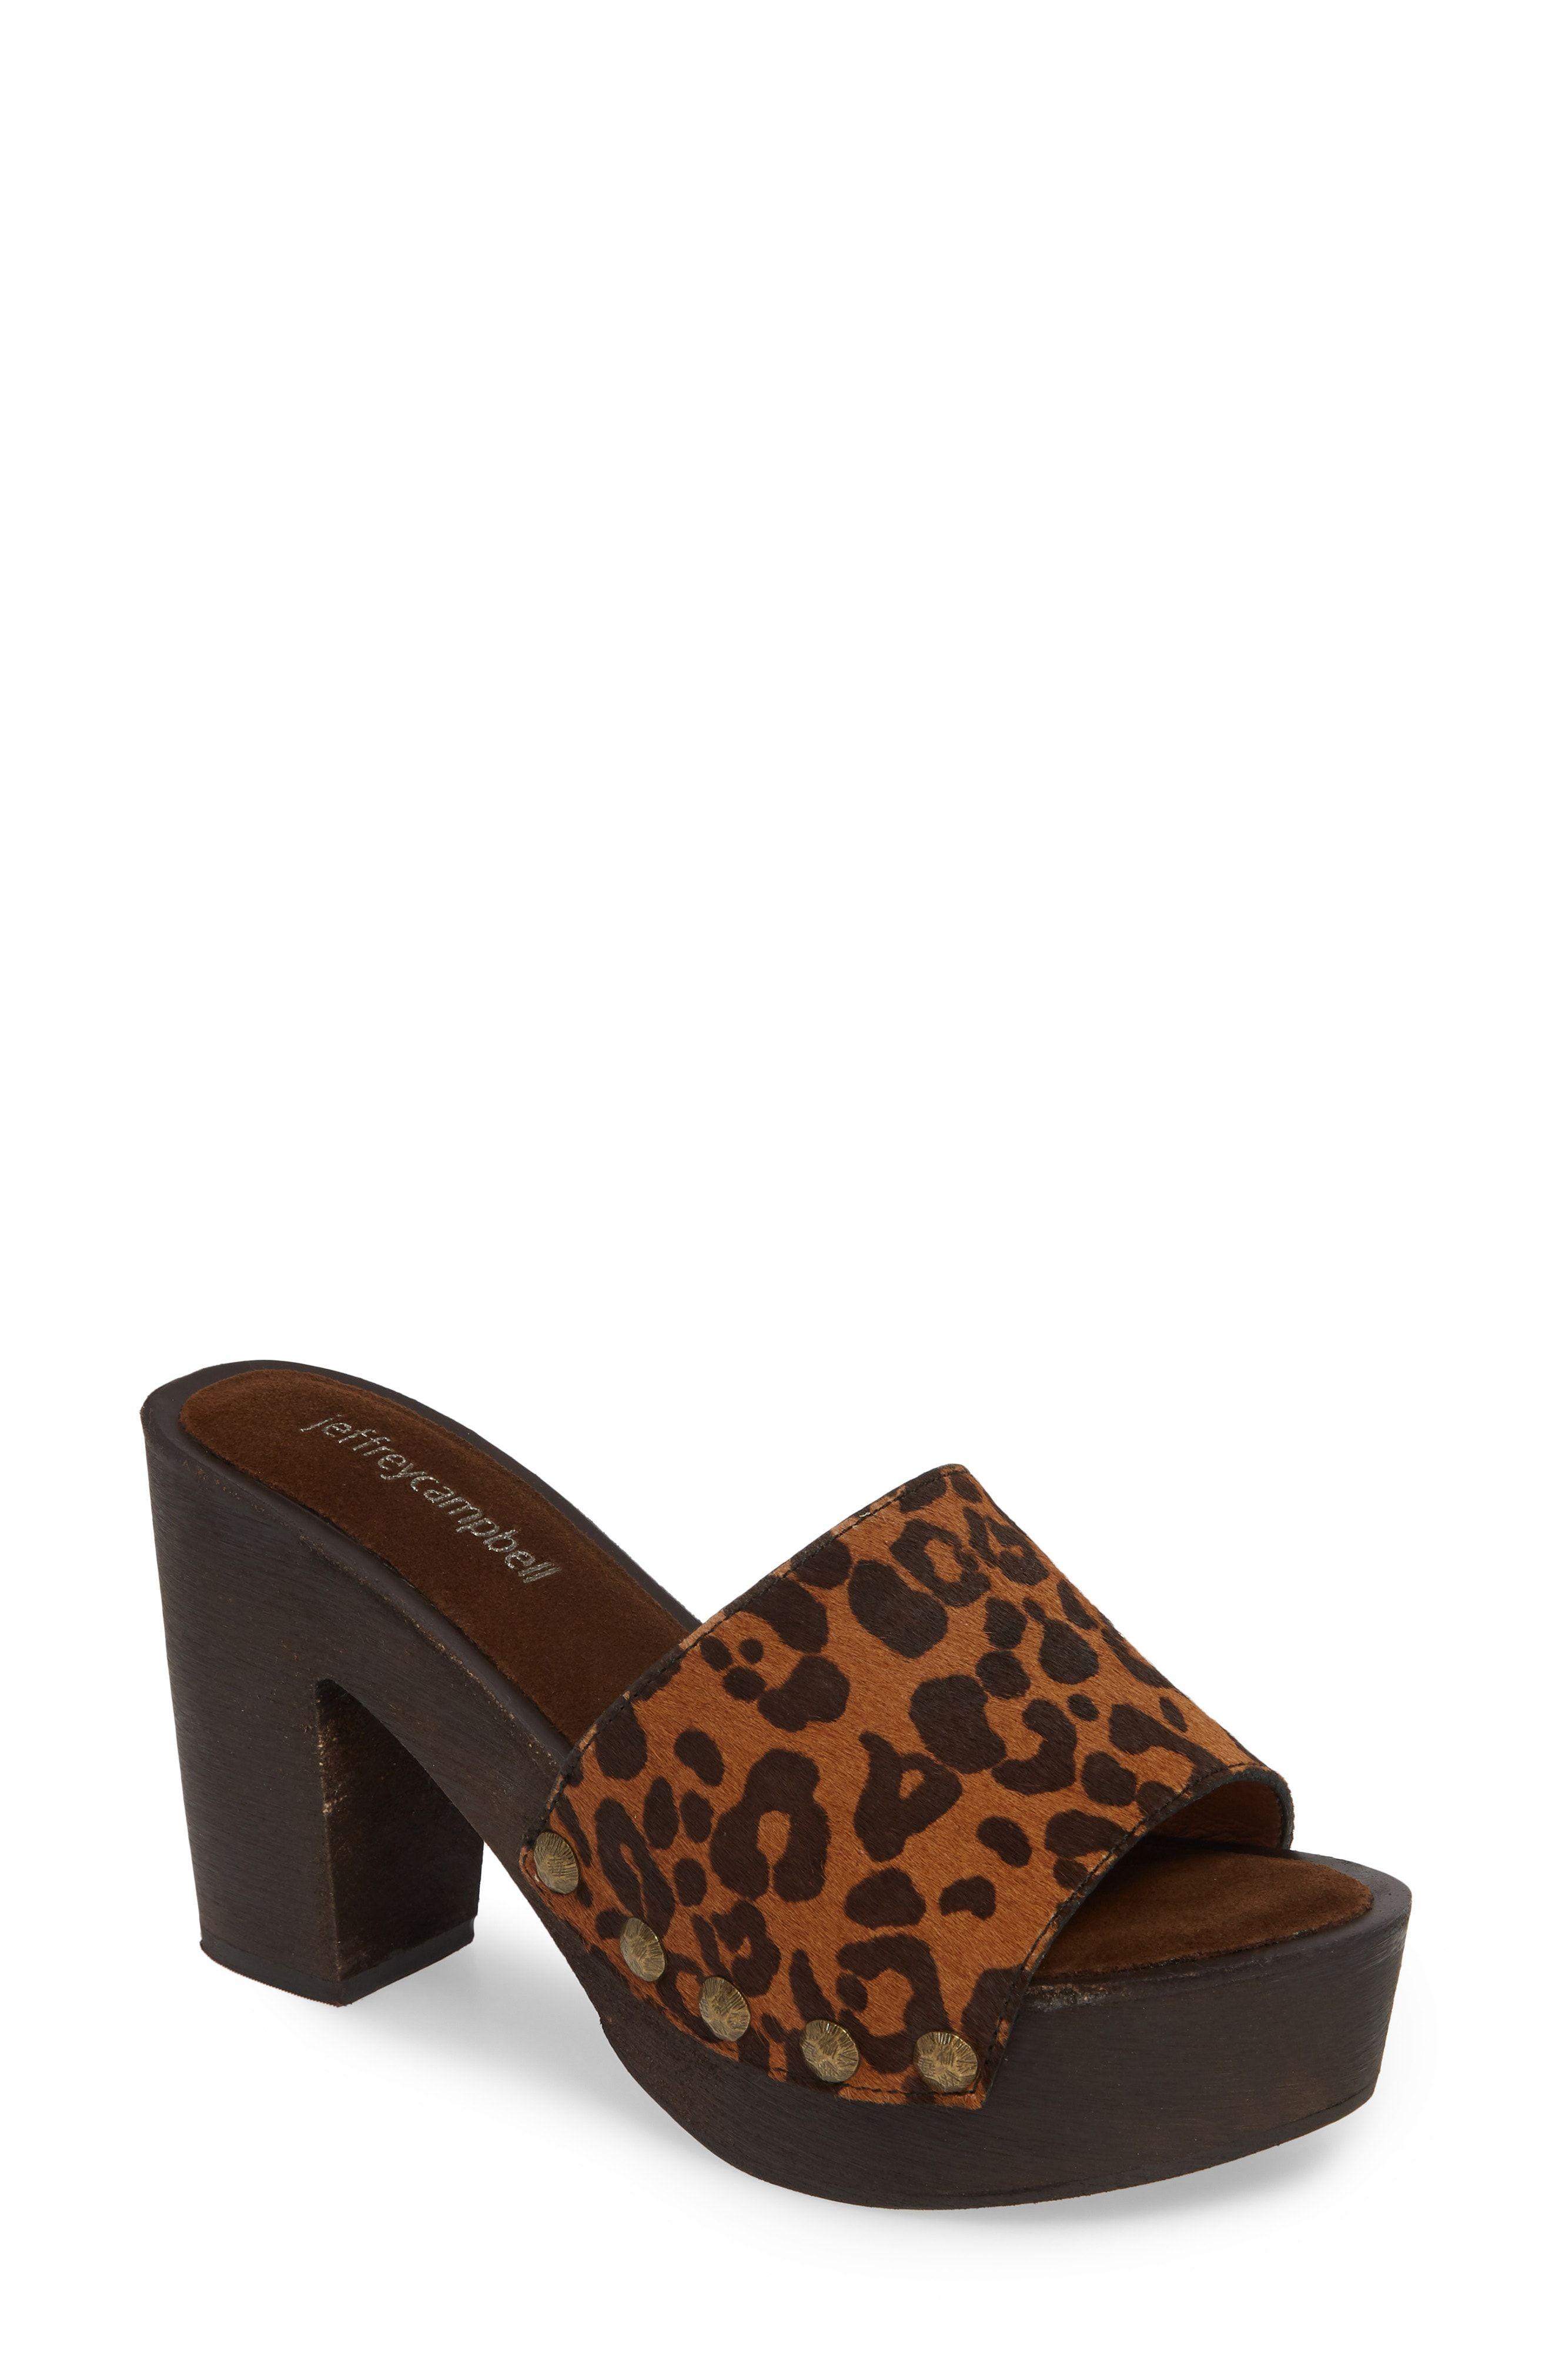 a4a1413b05 JEFFREY CAMPBELL D-LIGHT GENUINE CALF HAIR PLATFORM SANDAL.  #jeffreycampbell #shoes